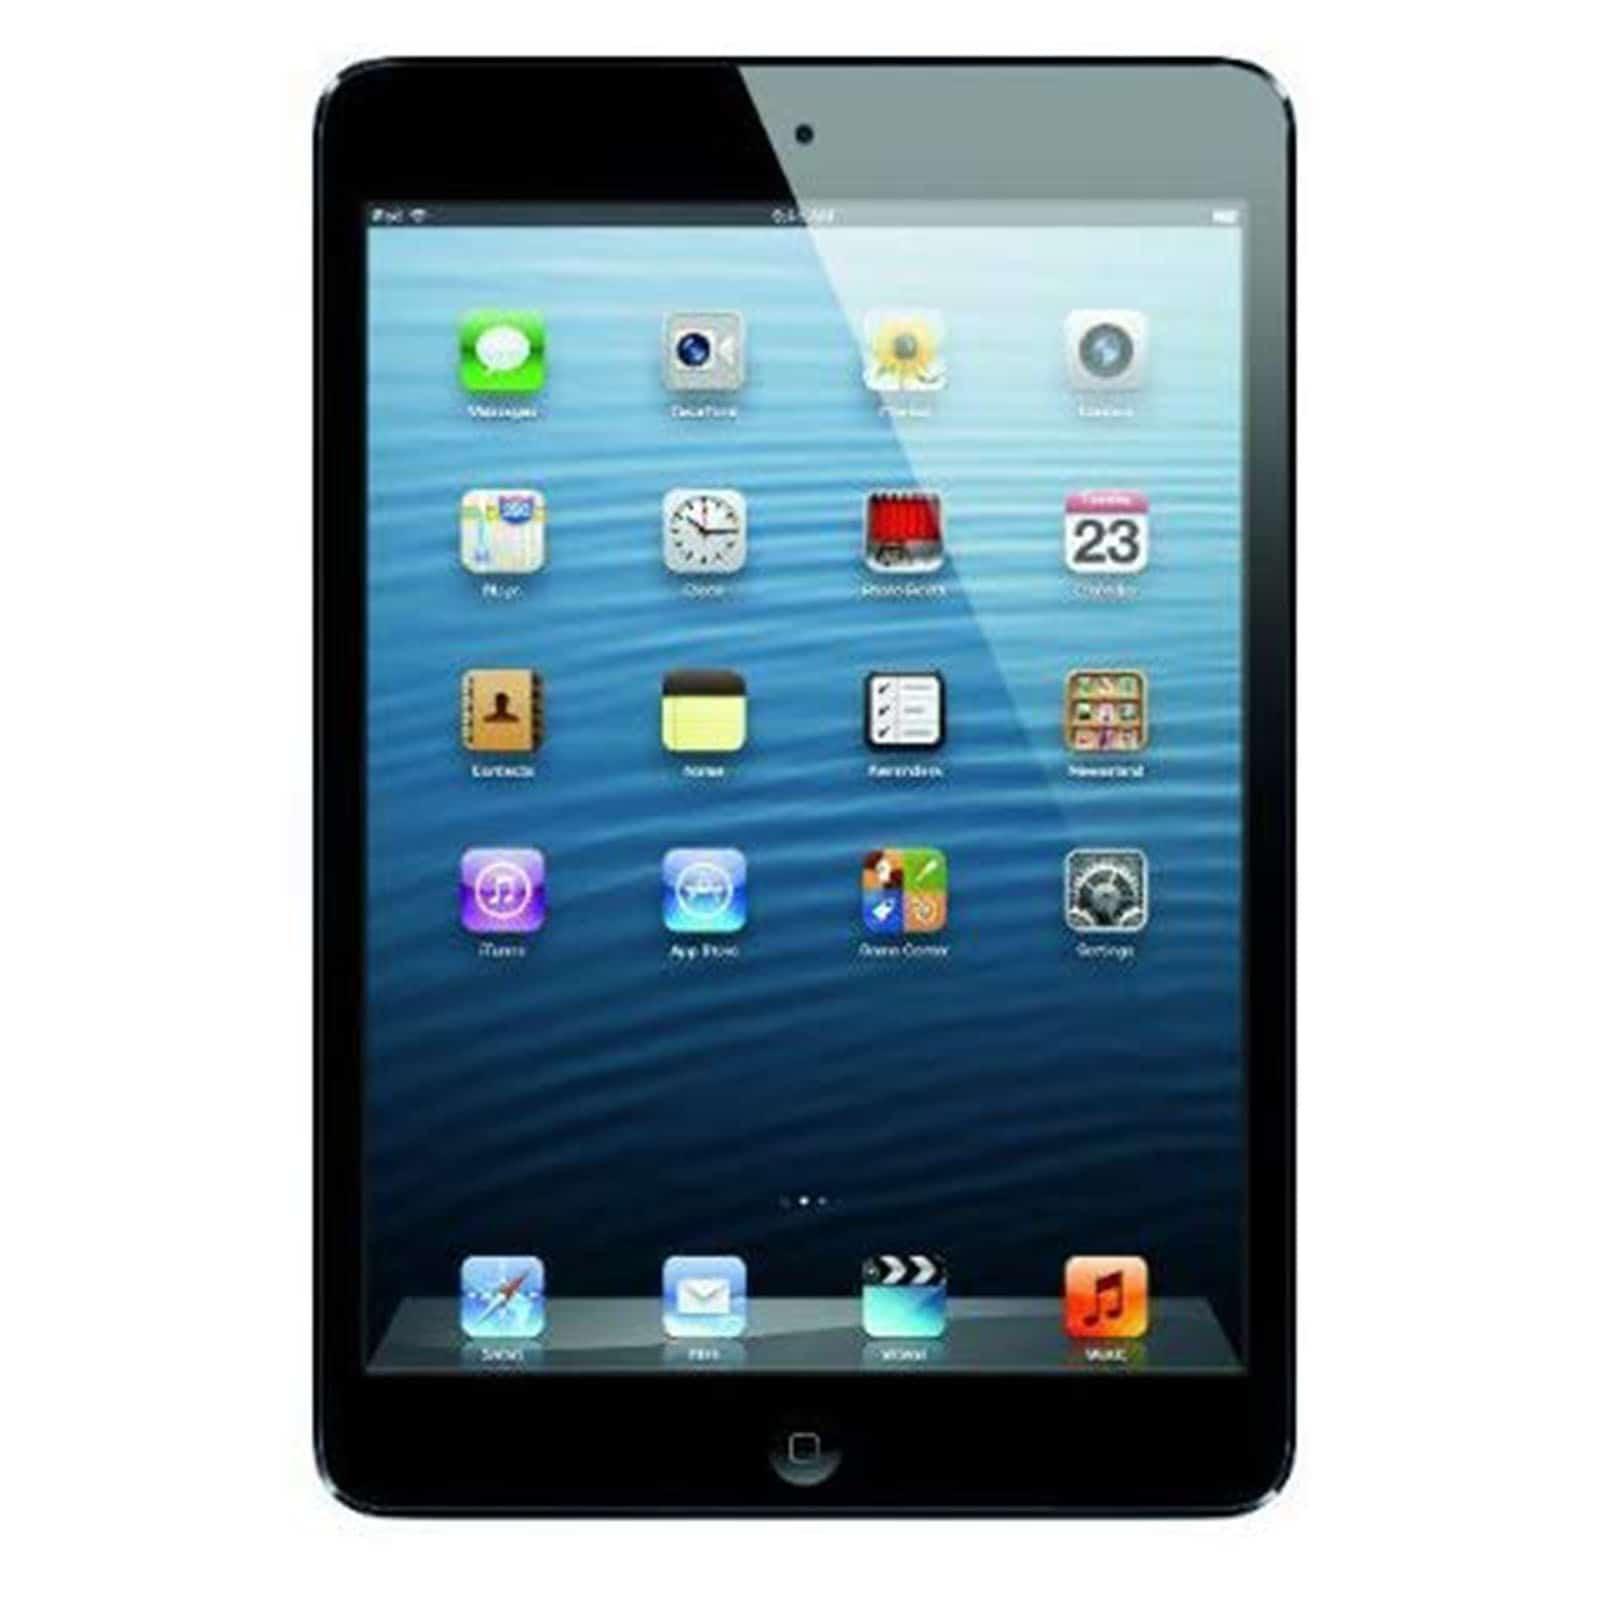 iPad mini (2012) - WLAN + LTE